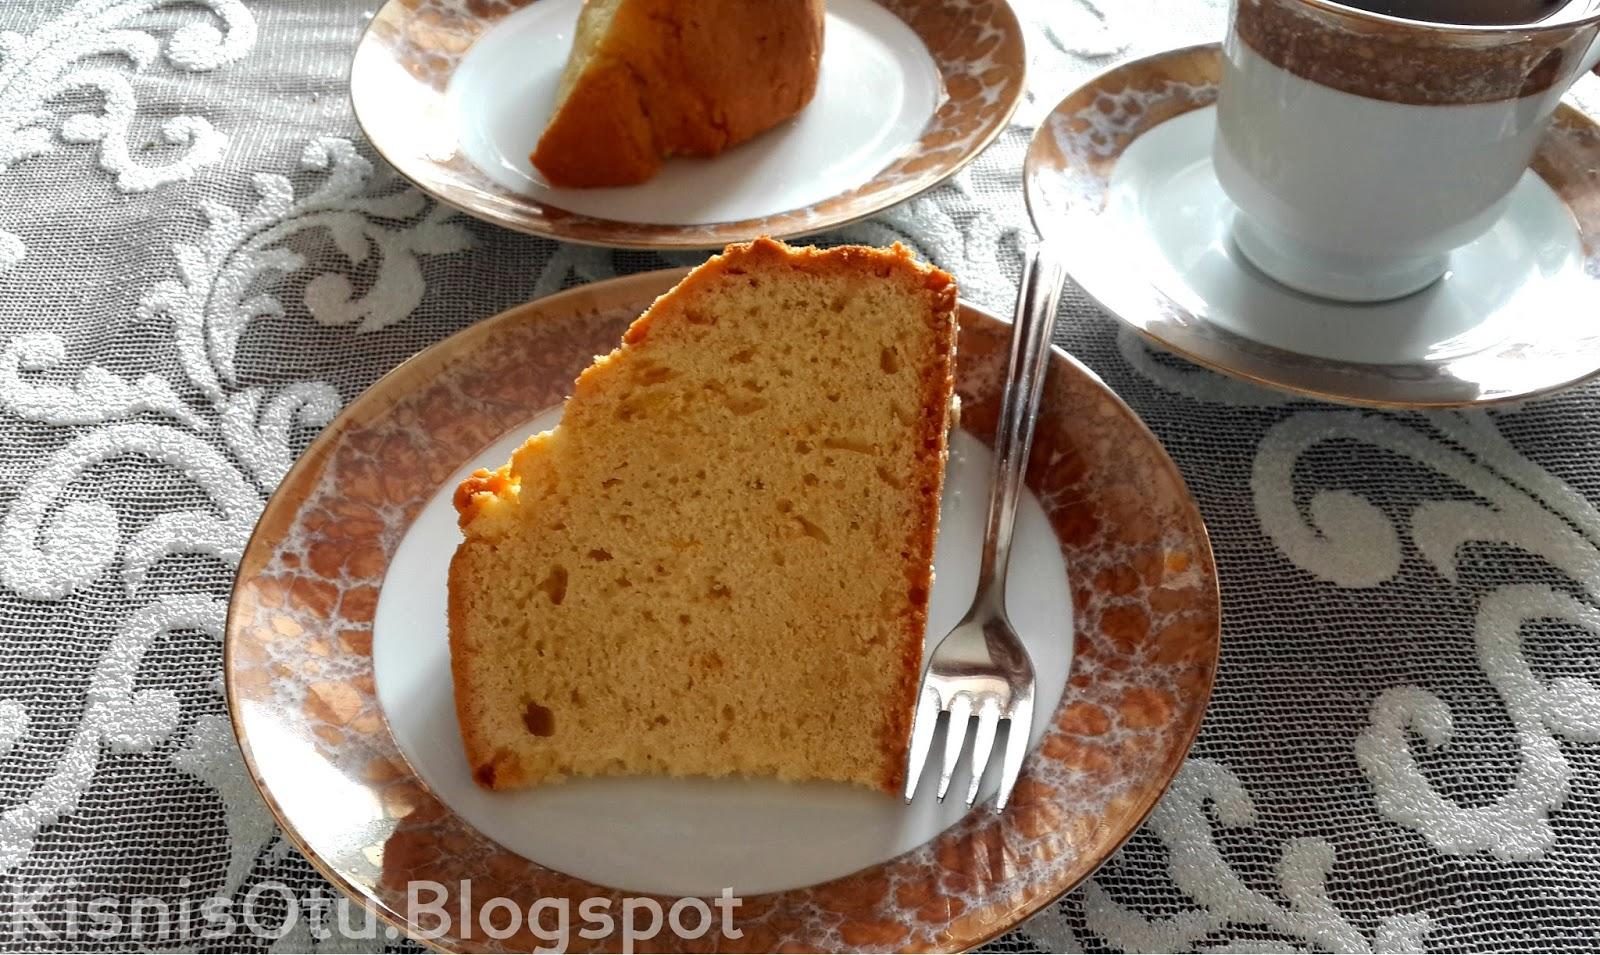 Madeira kek tarifi, Çay, Kek, Pasta, Kişniş, Kişniş Otu, nedir